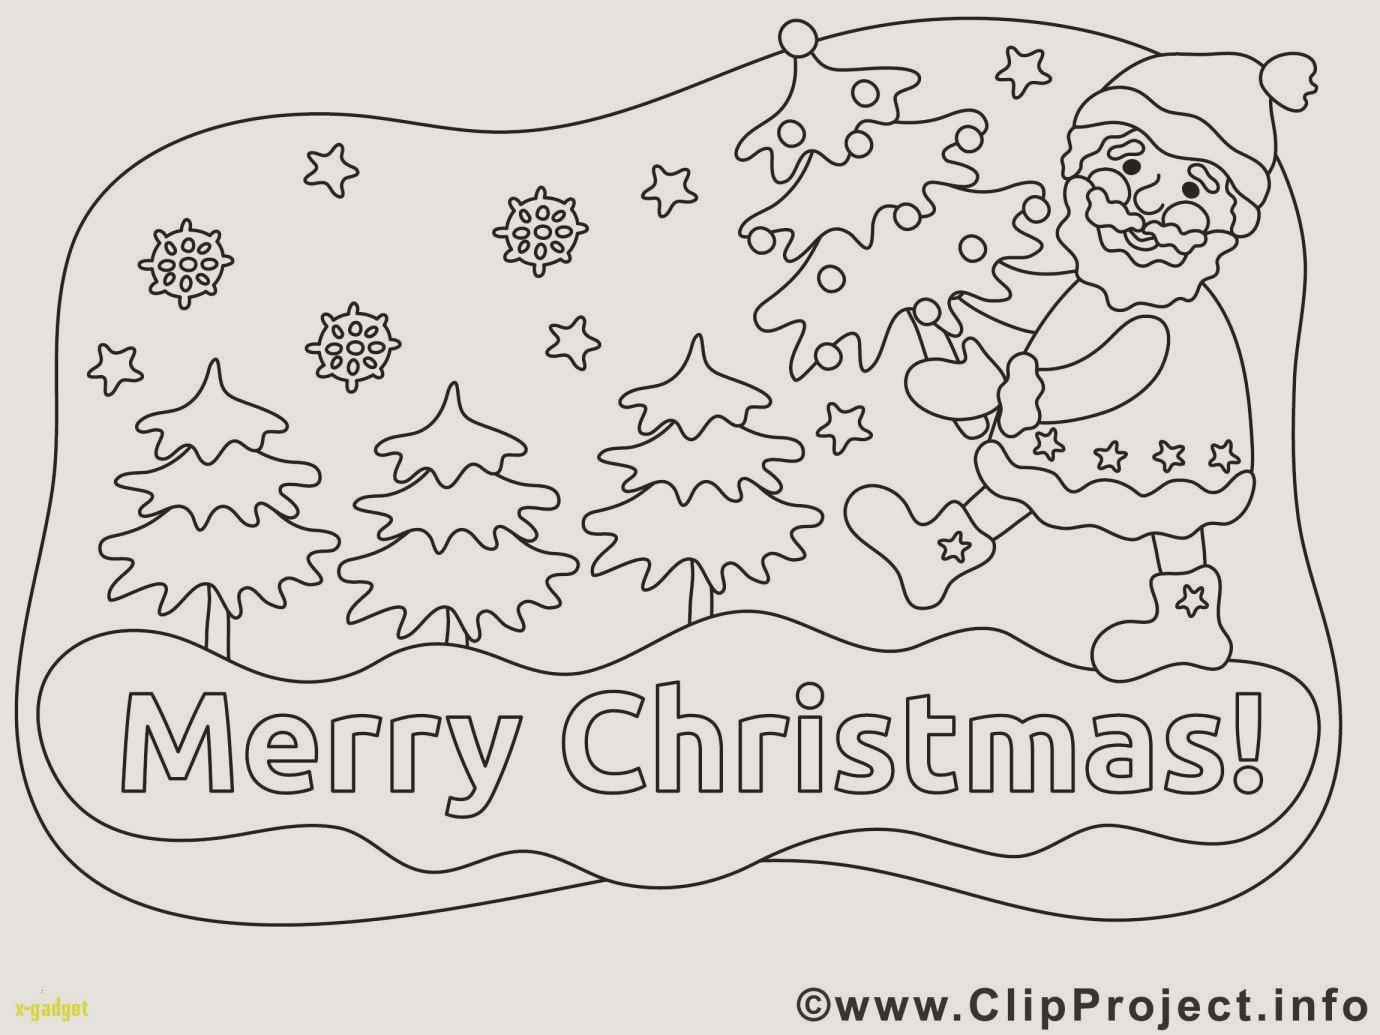 Ausmalbilder Weihnachten Ausdrucken Neu 30 Frisch Ausmalbilder Weihnachten Geschenke Ausdrucken Galerie